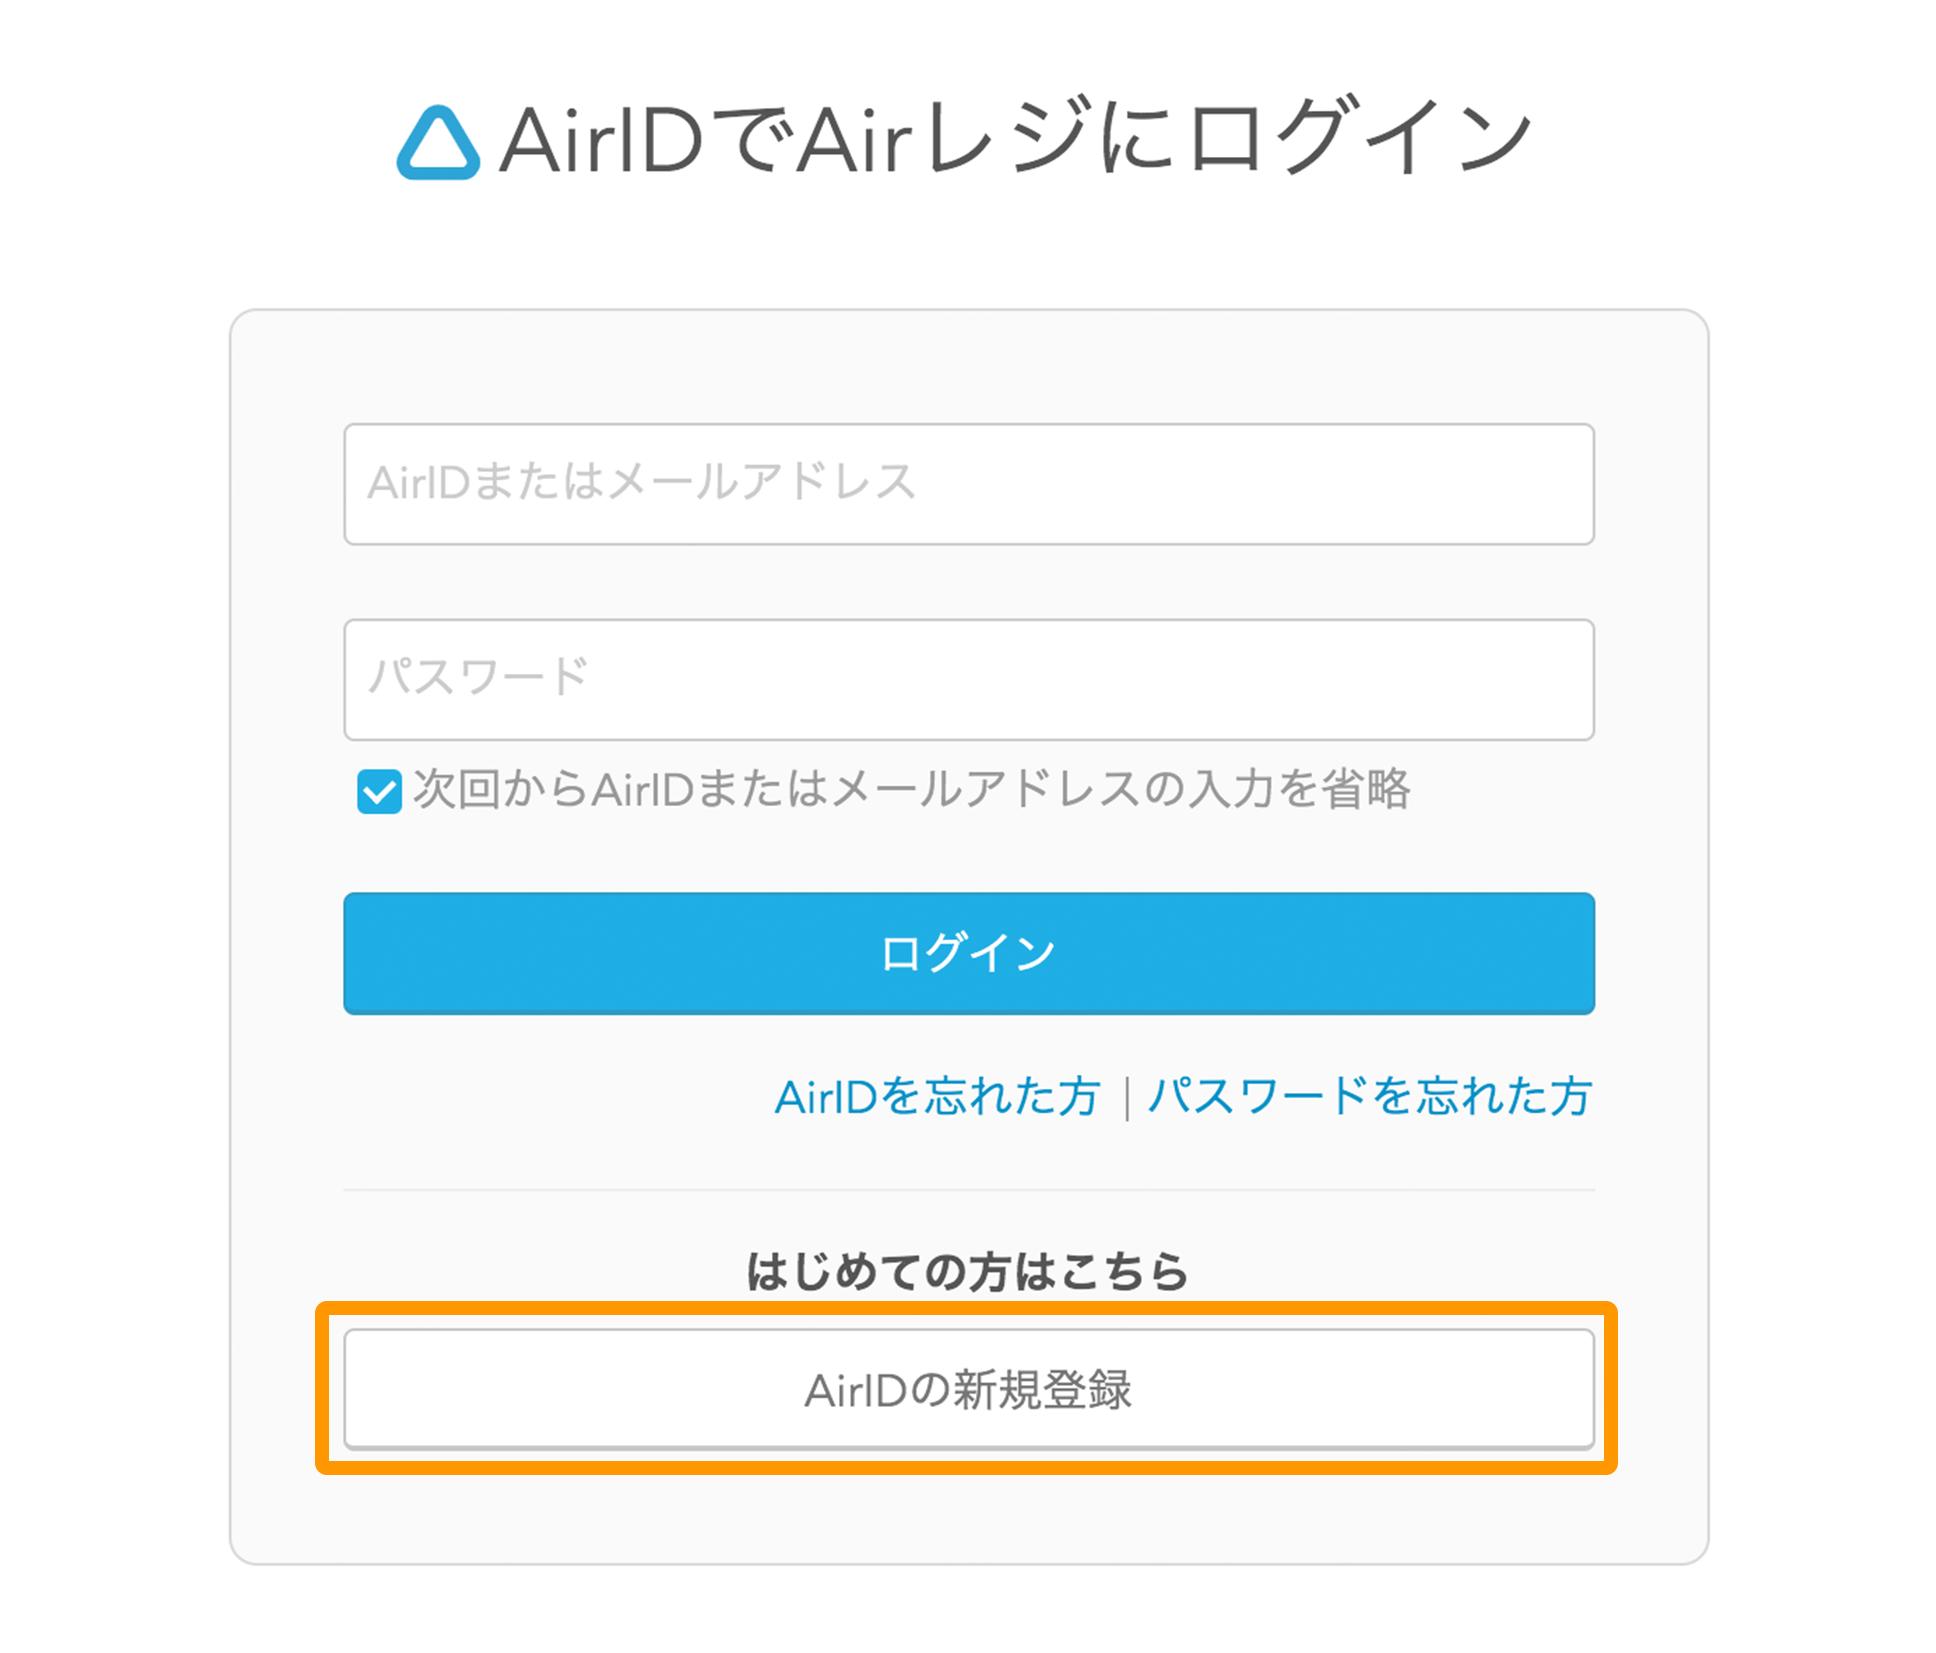 AirIDの登録方法 – Airレジ - FAQ -